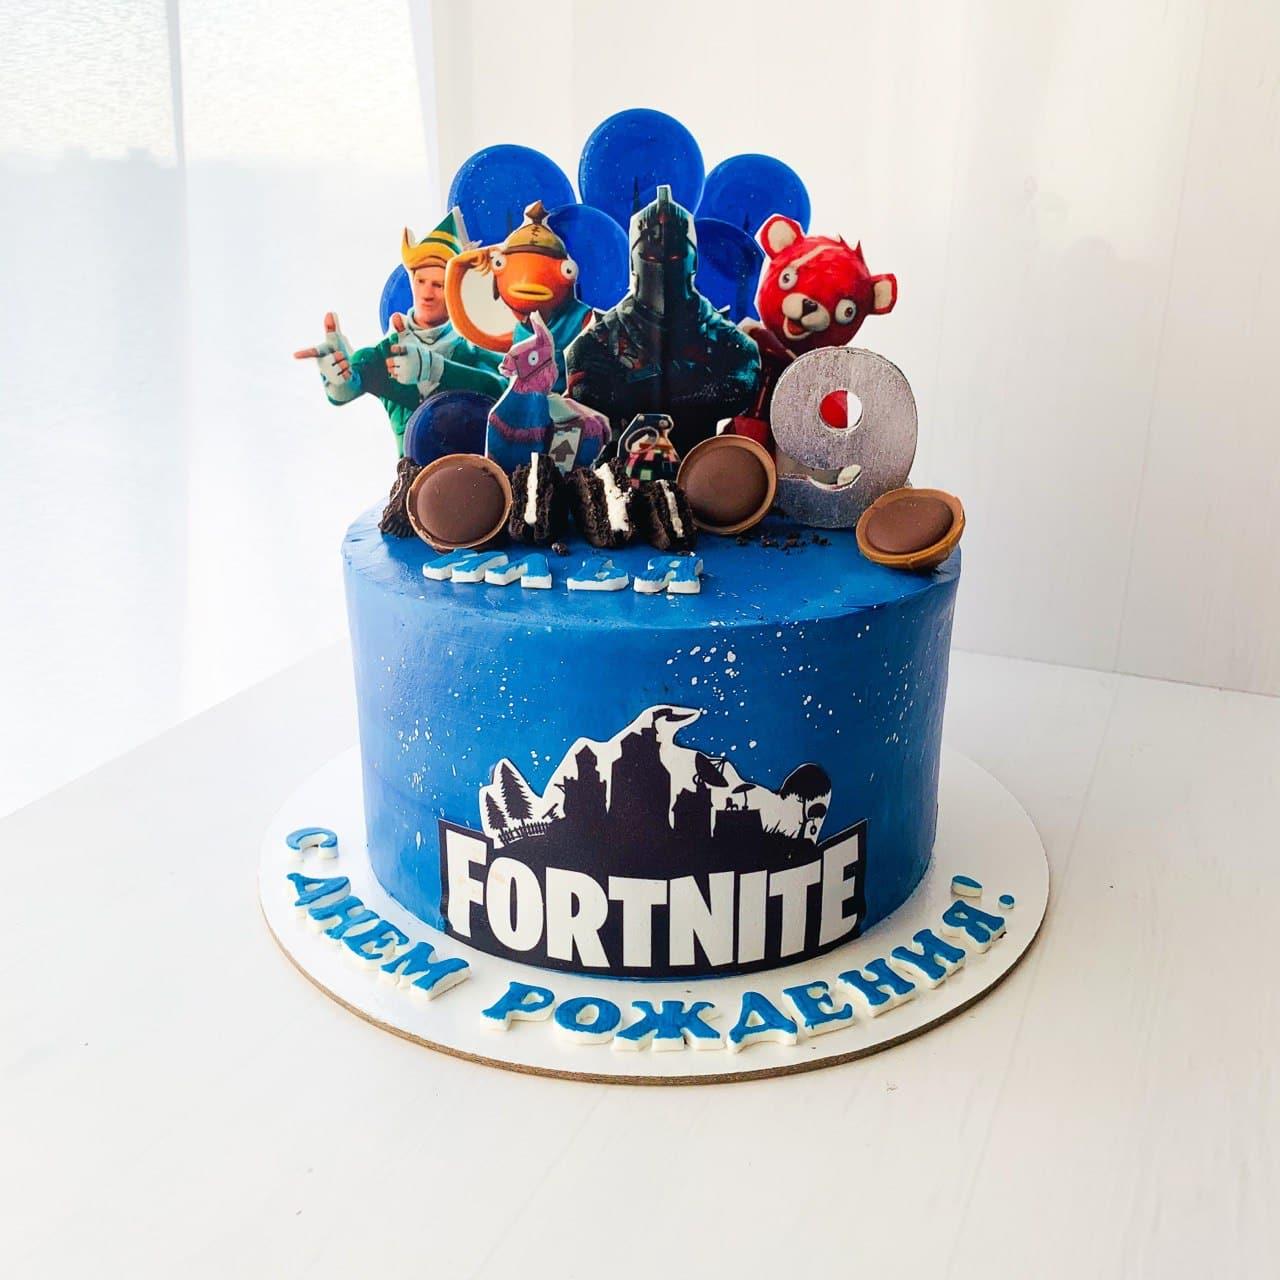 Торт на заказ Фортнайт (Fortnite) заказать из натуральных ингредиентов